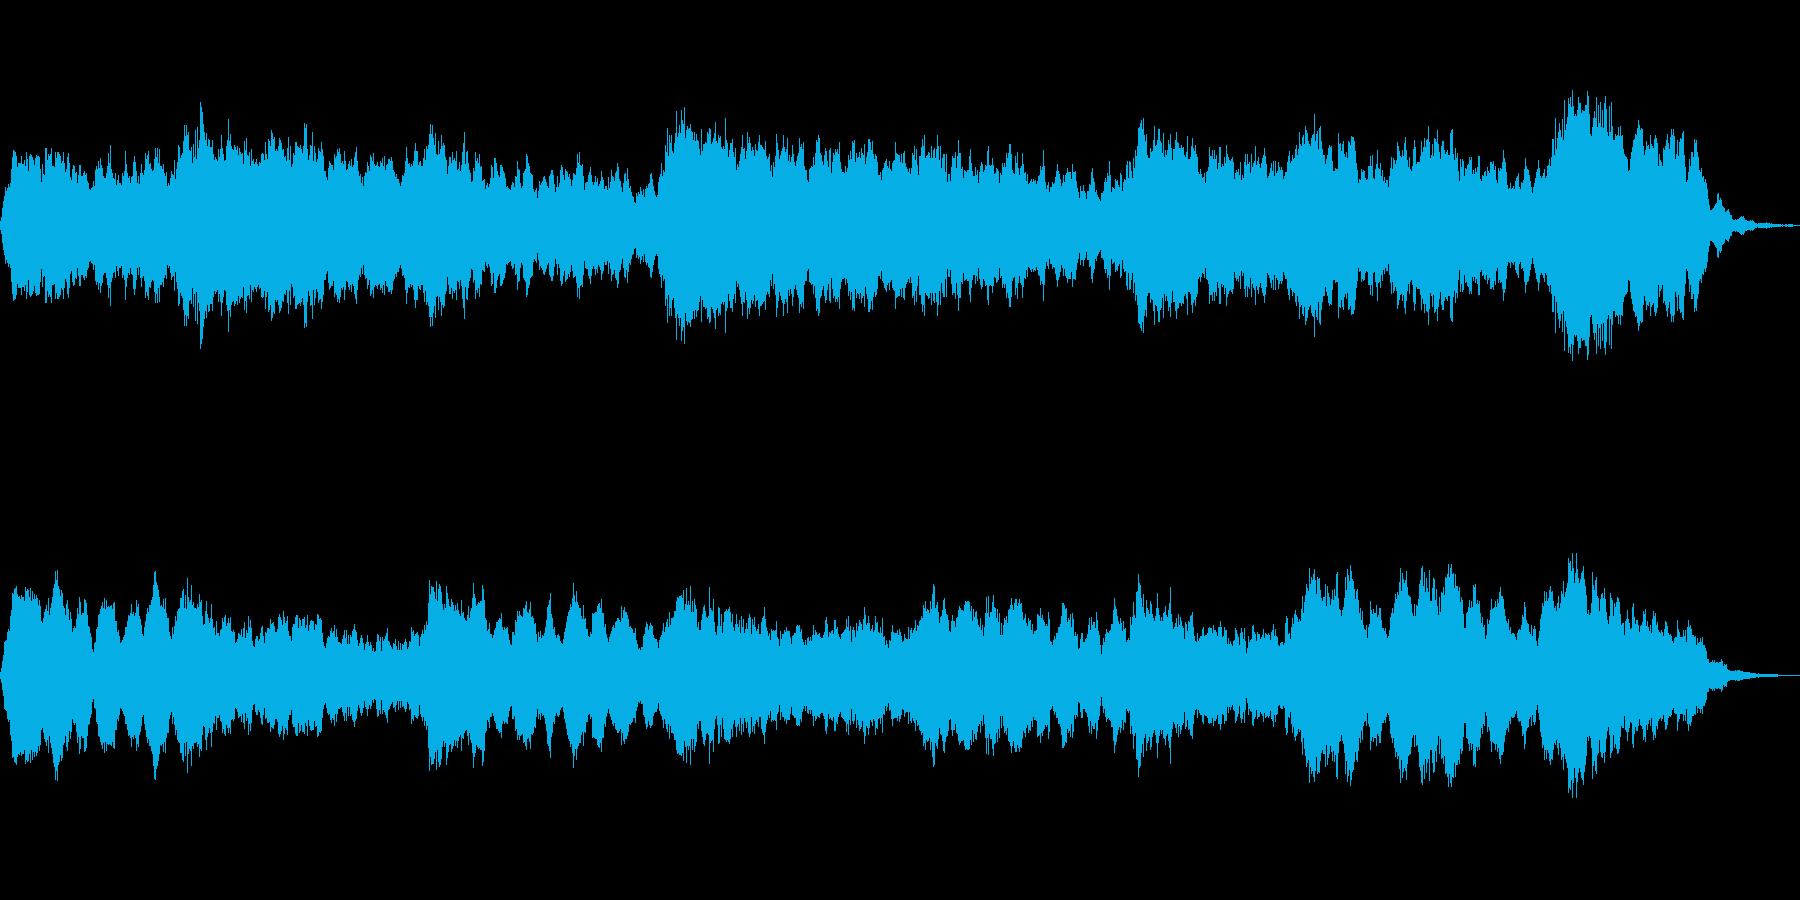 アンビエントな音色で構成した抽象描写作品の再生済みの波形